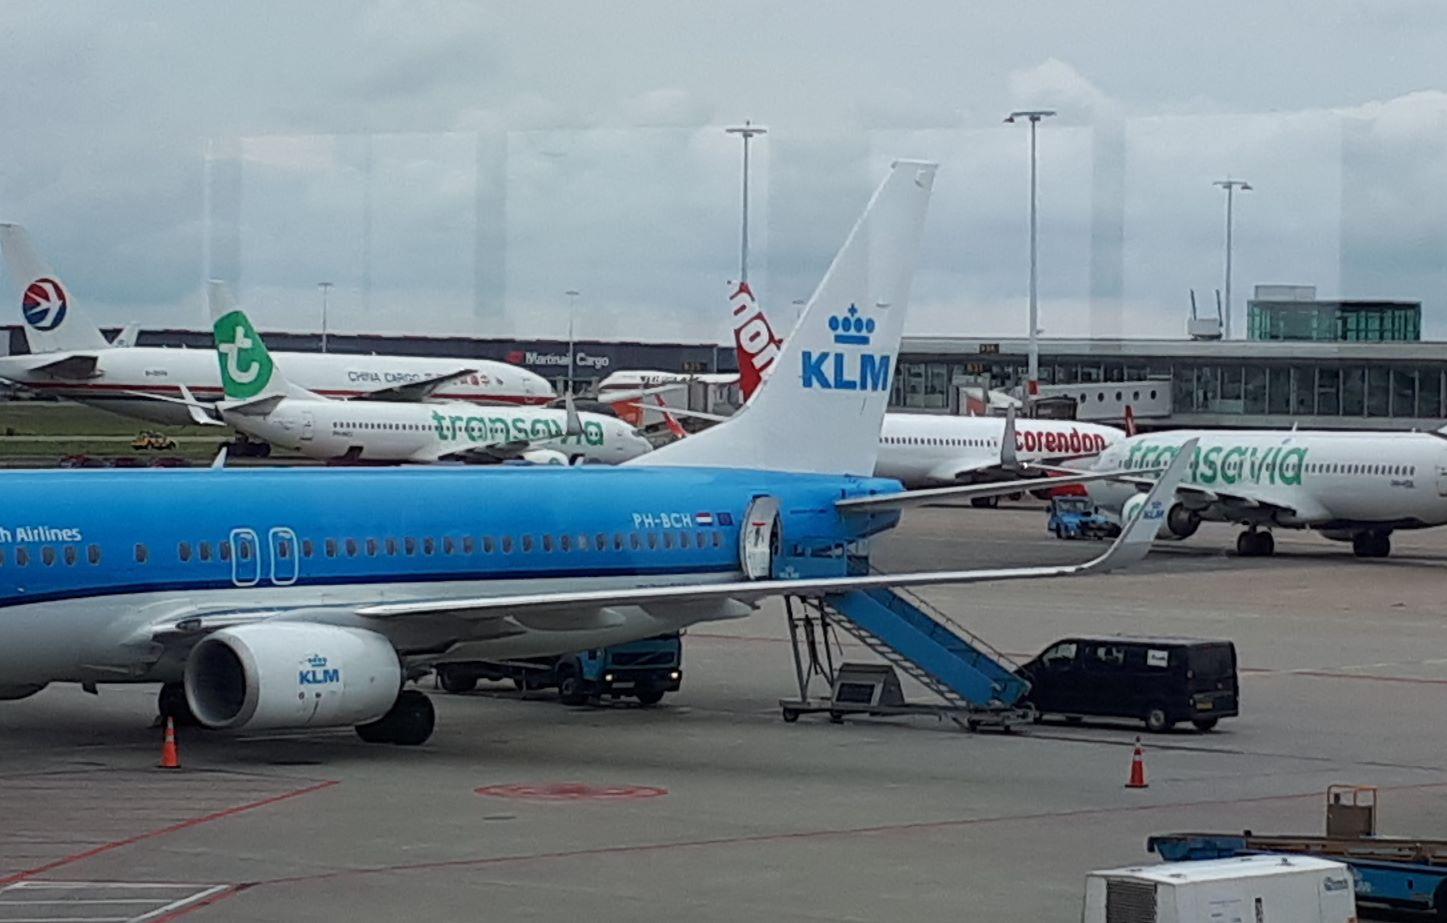 Spies er et de danske rejsebureauer der køber flest rejser med rutefly. Men efter konkursen i det britiske moderselskab i september måtte Spies stoppe salget på dette område – men forventer snart at være klar igen. Arkivfoto fra Schiphol-lufthavnen i Amsterdam: Henrik Baumgarten.